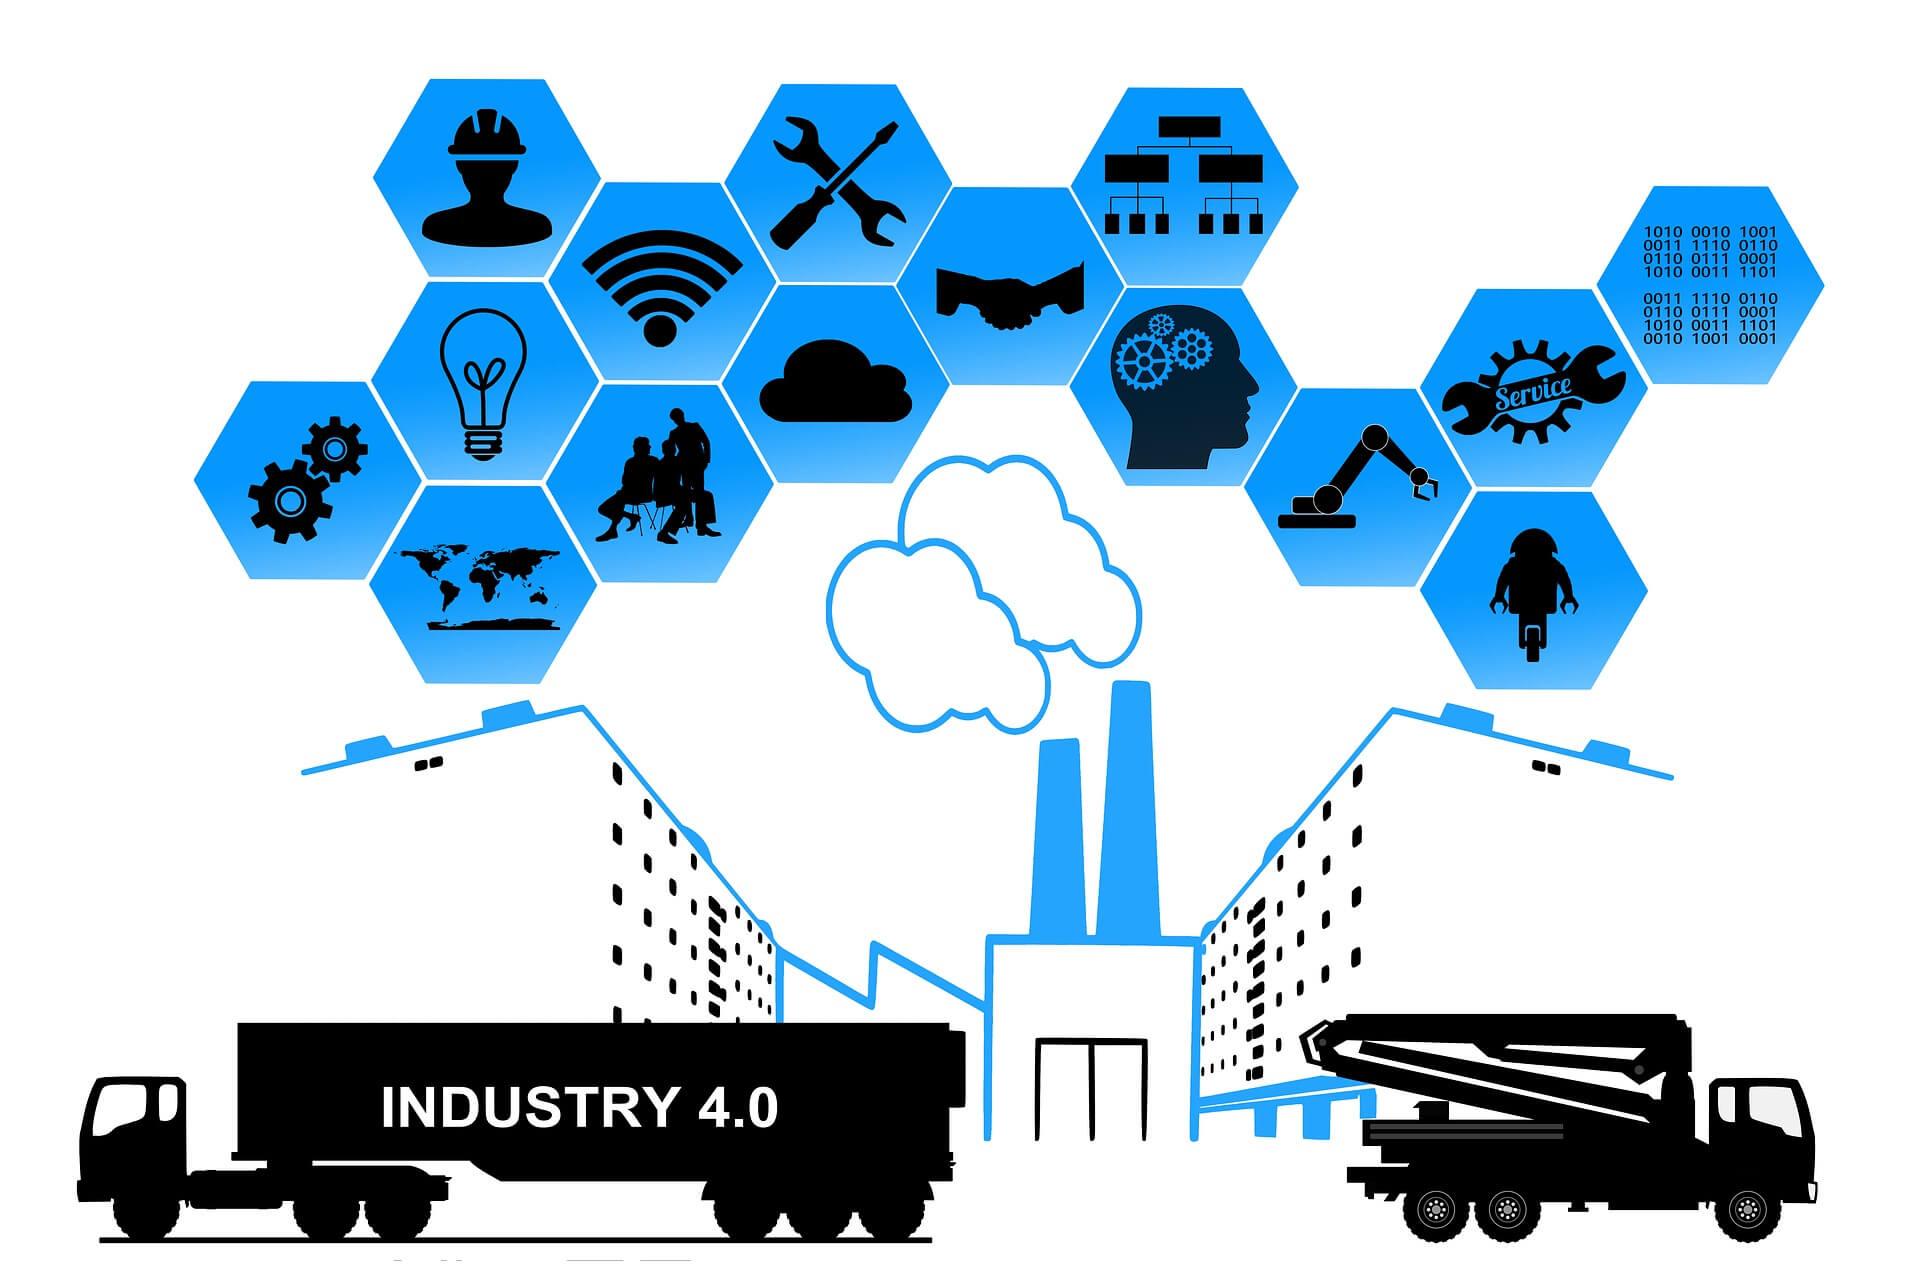 La mancanza di considerazione sulla sicurezza informatica potrebbe ribaltare l'industria 4.0